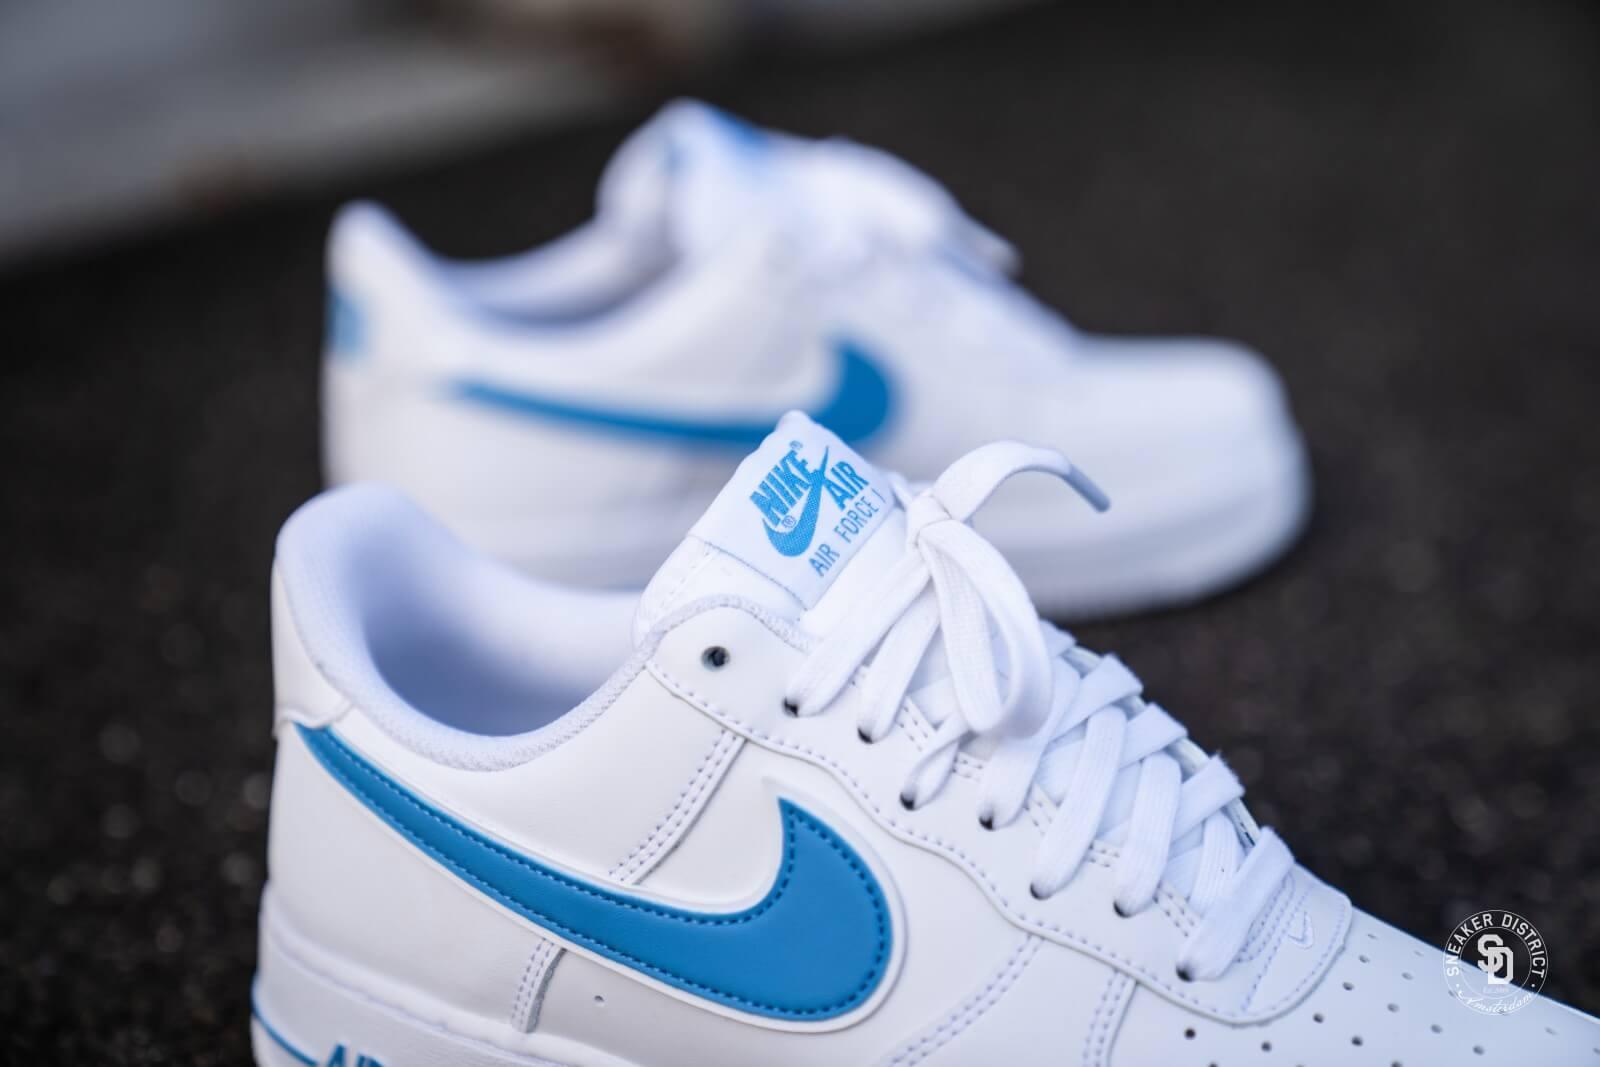 nike air force 1 blu e bianche